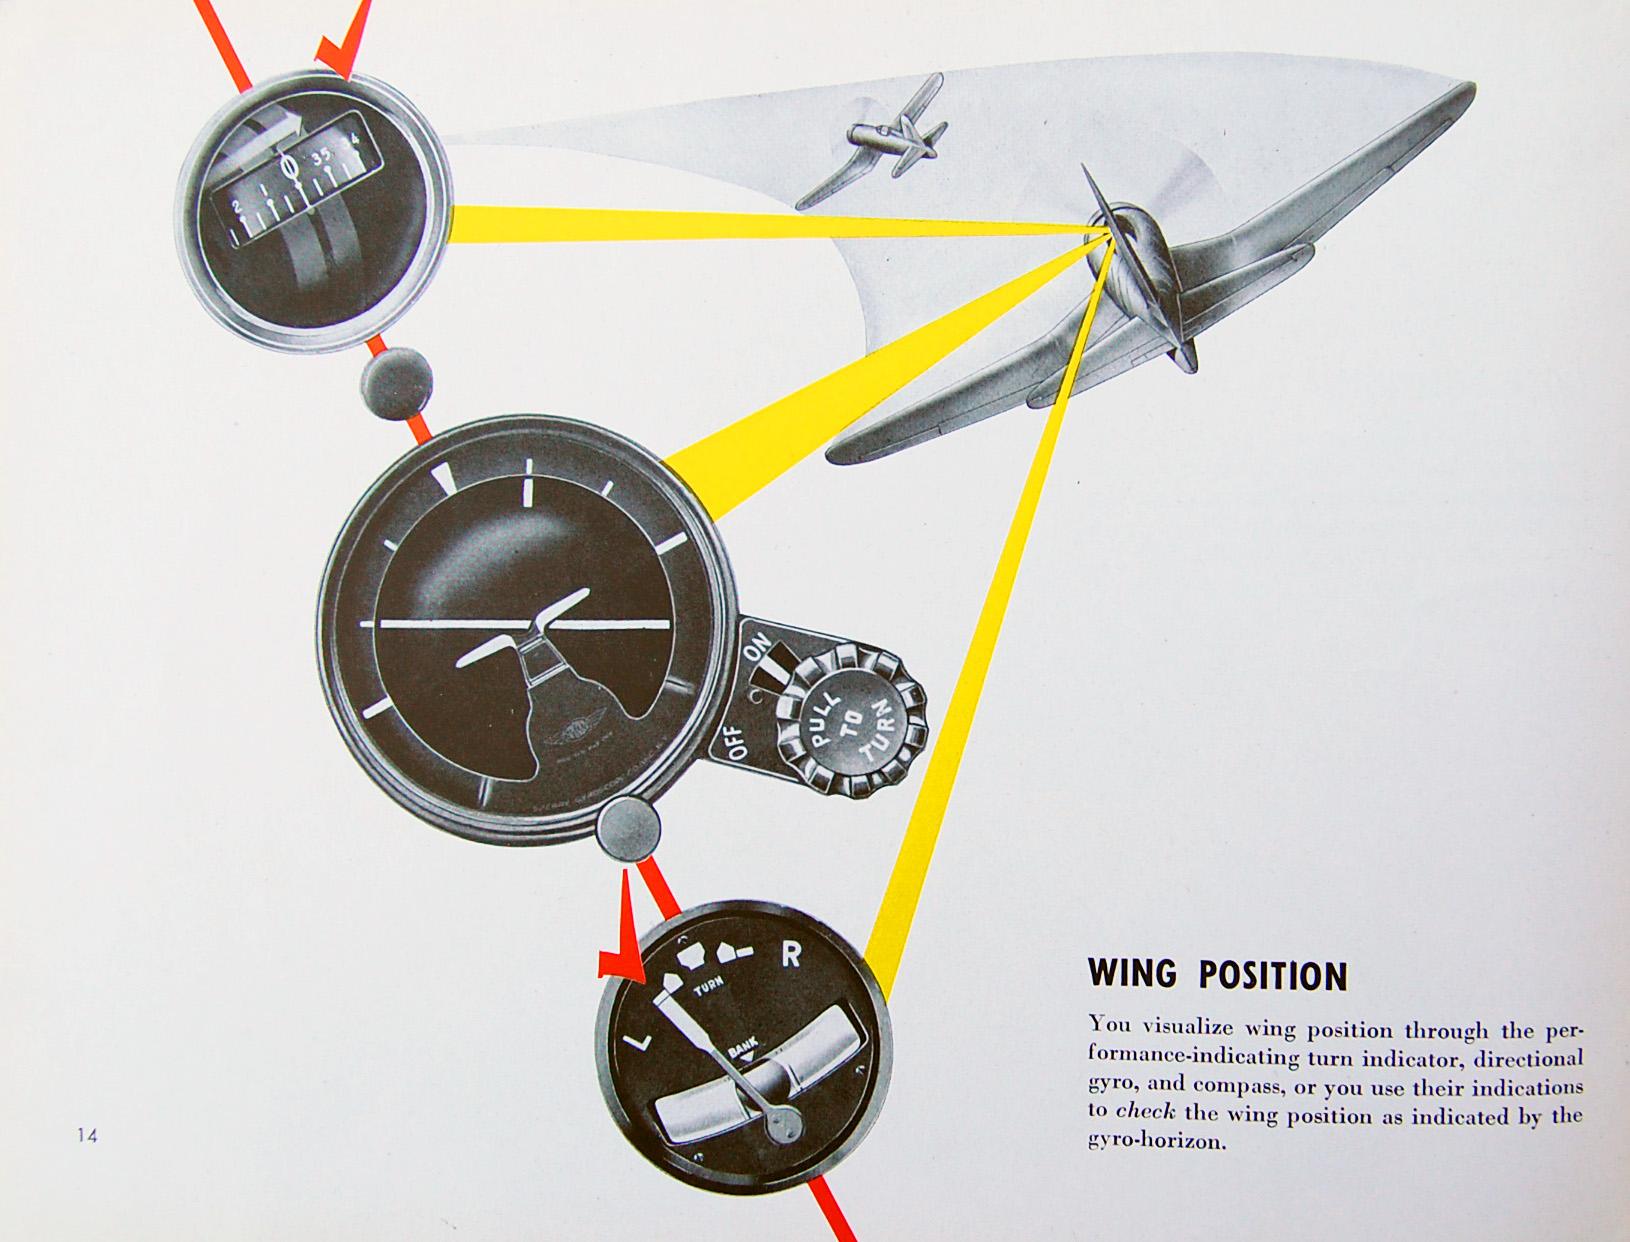 Flight Thru Instruments Manual Wing Position